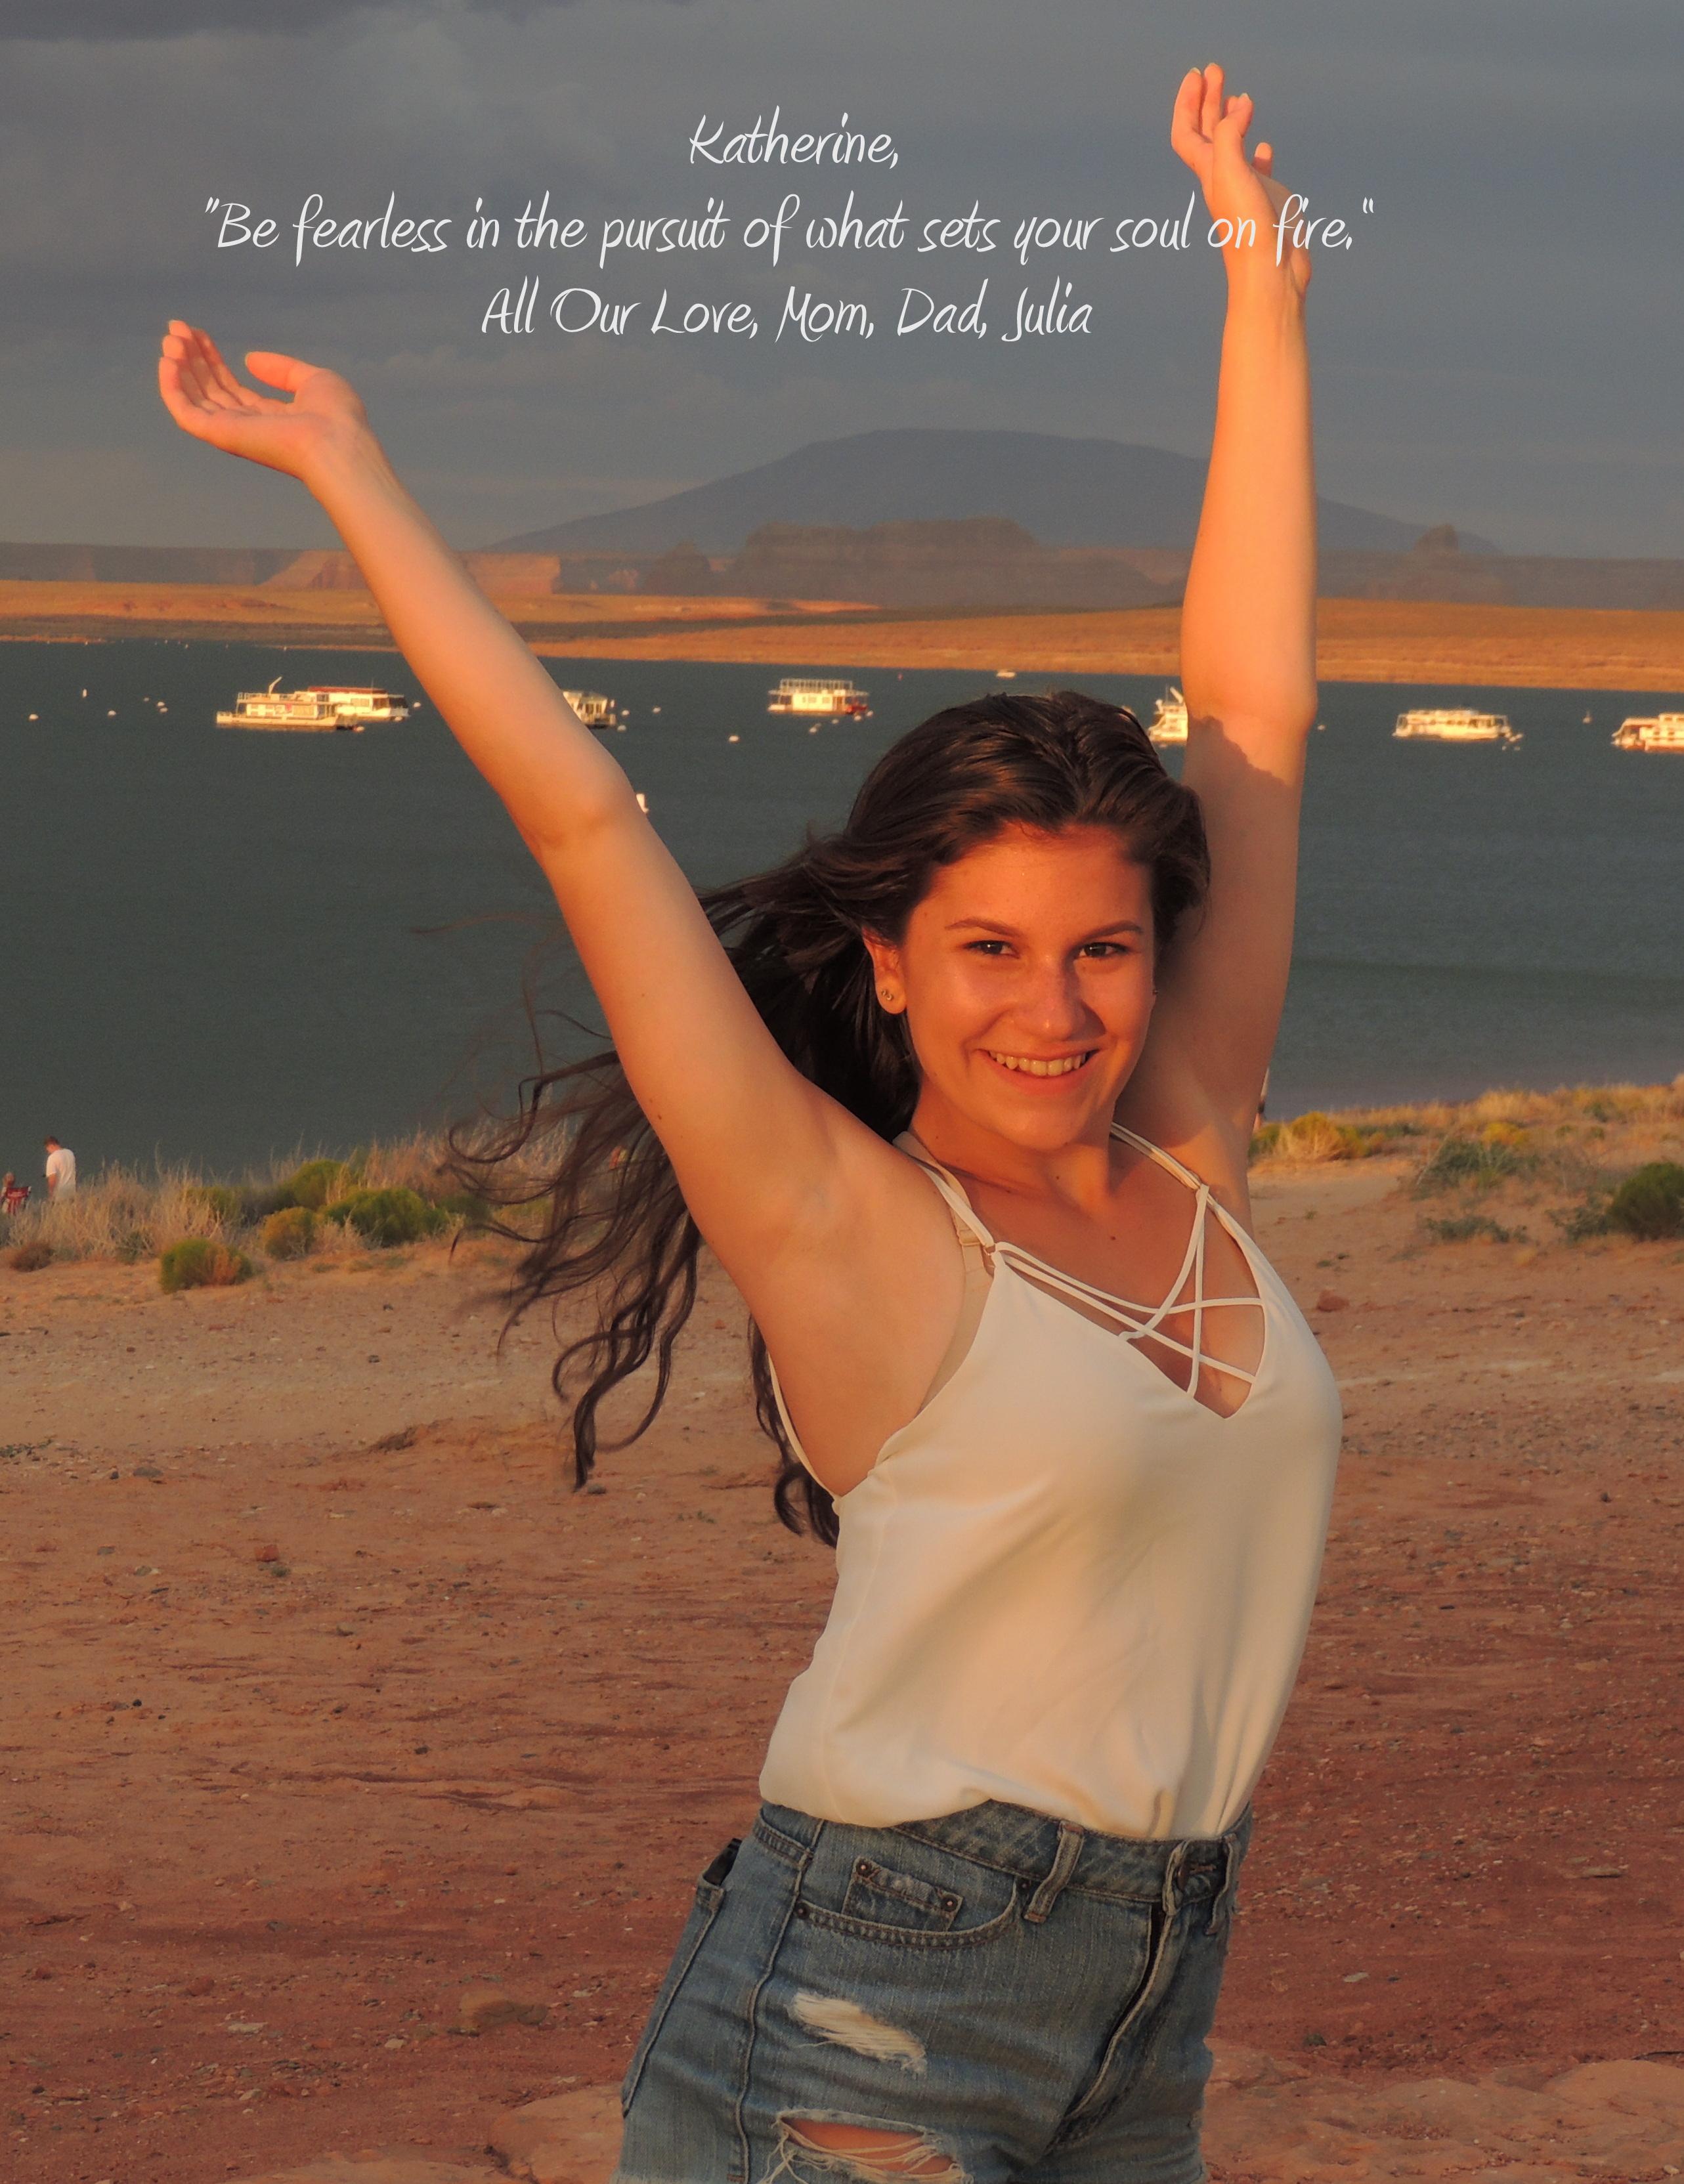 4259-katherine-yearbook-personal-message.jpg